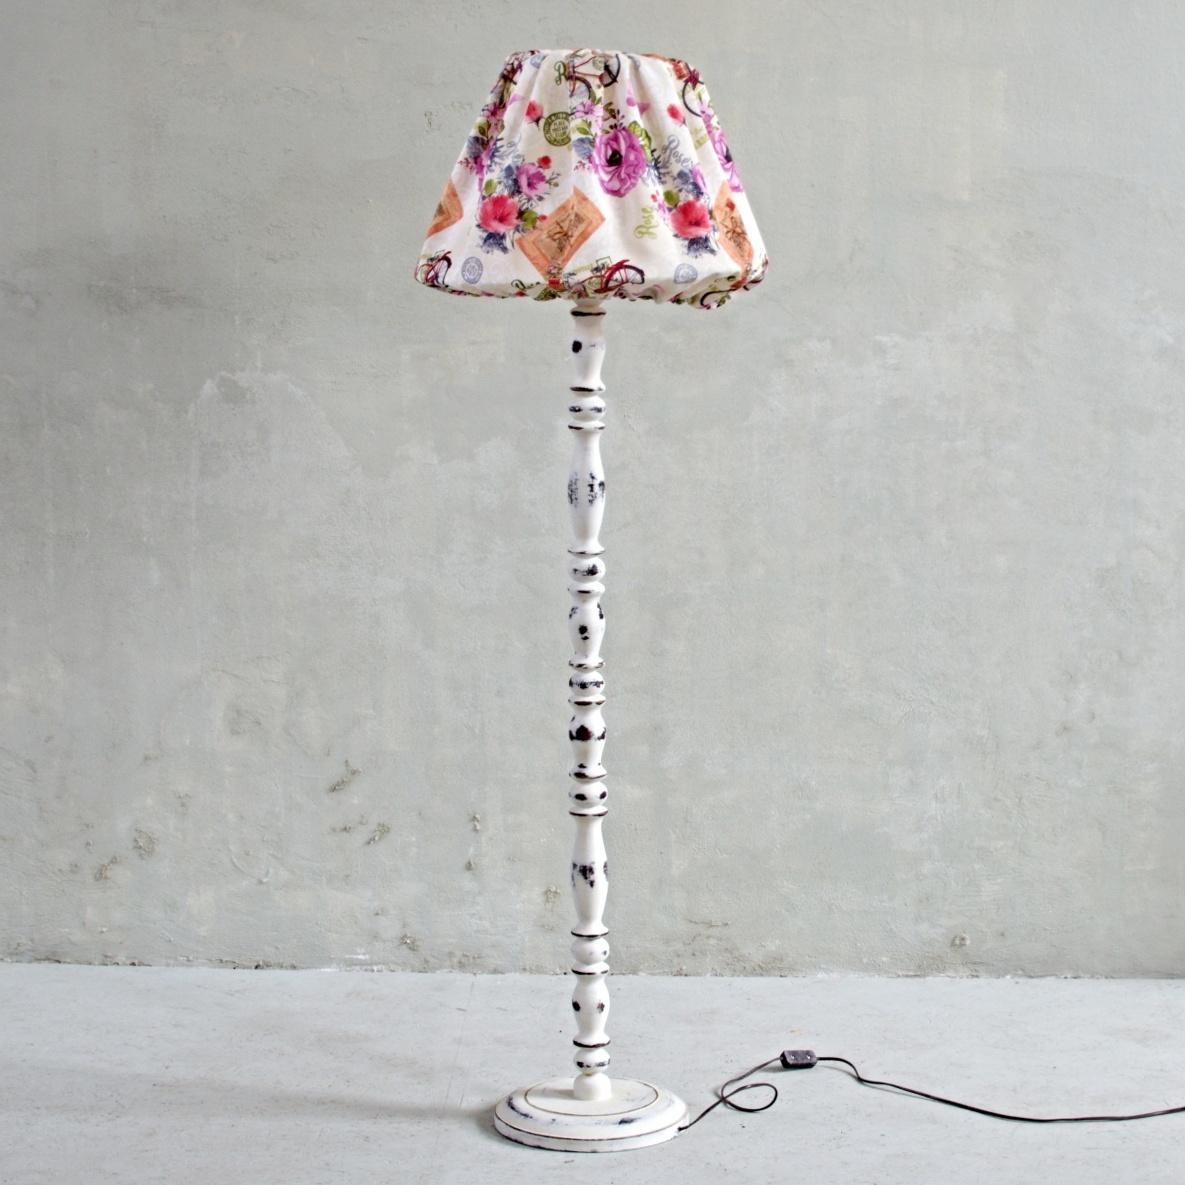 Stojací lampa se stojanem natřeným křídovou barvou Annie Sloan (odstín Original) s výraznou patinou a voskované bezbarvým voskem